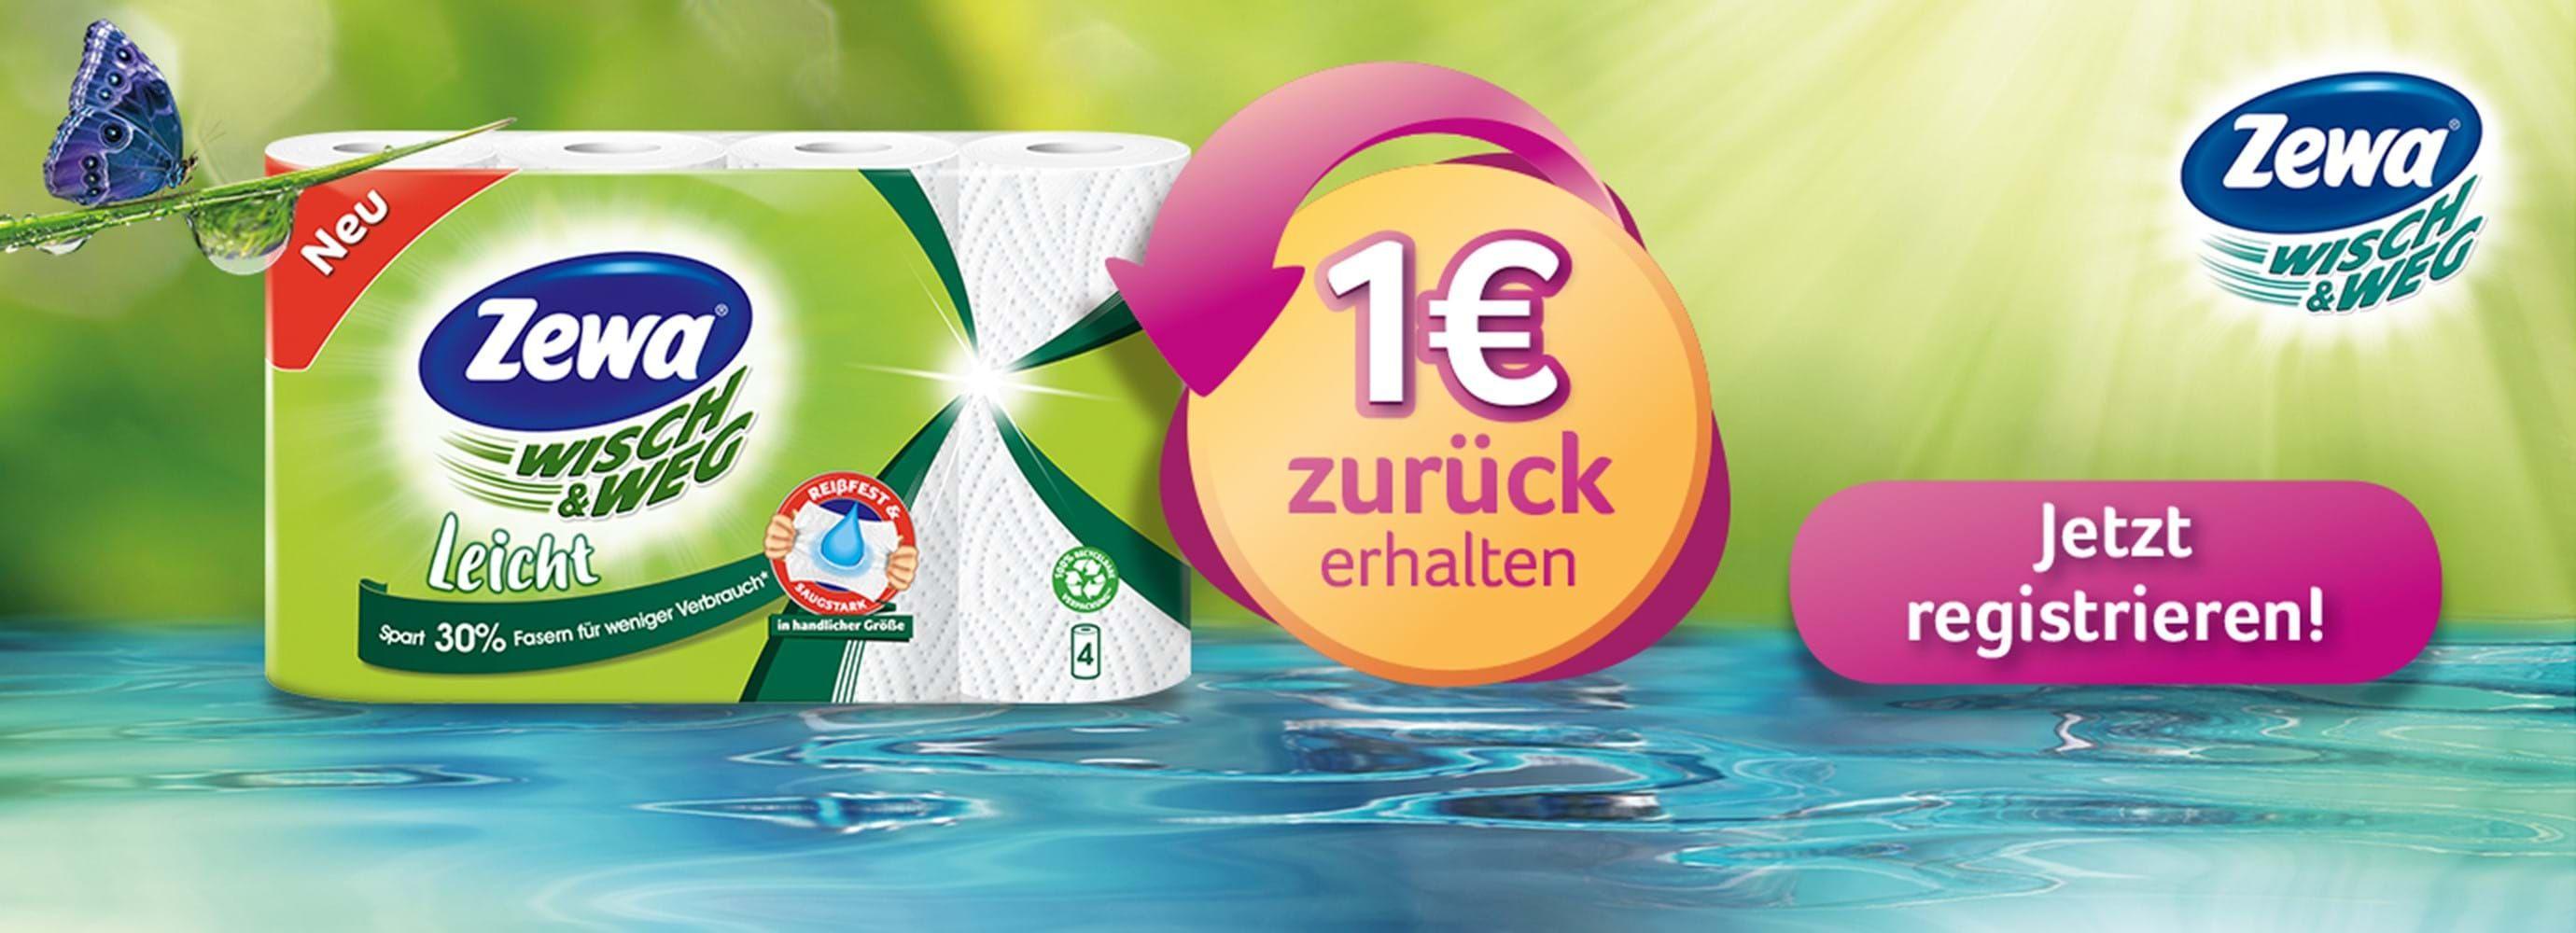 (Cashback) 1 Euro zurück bei Kauf von Zewa Smart oder Zewa Wisch & Weg Leicht